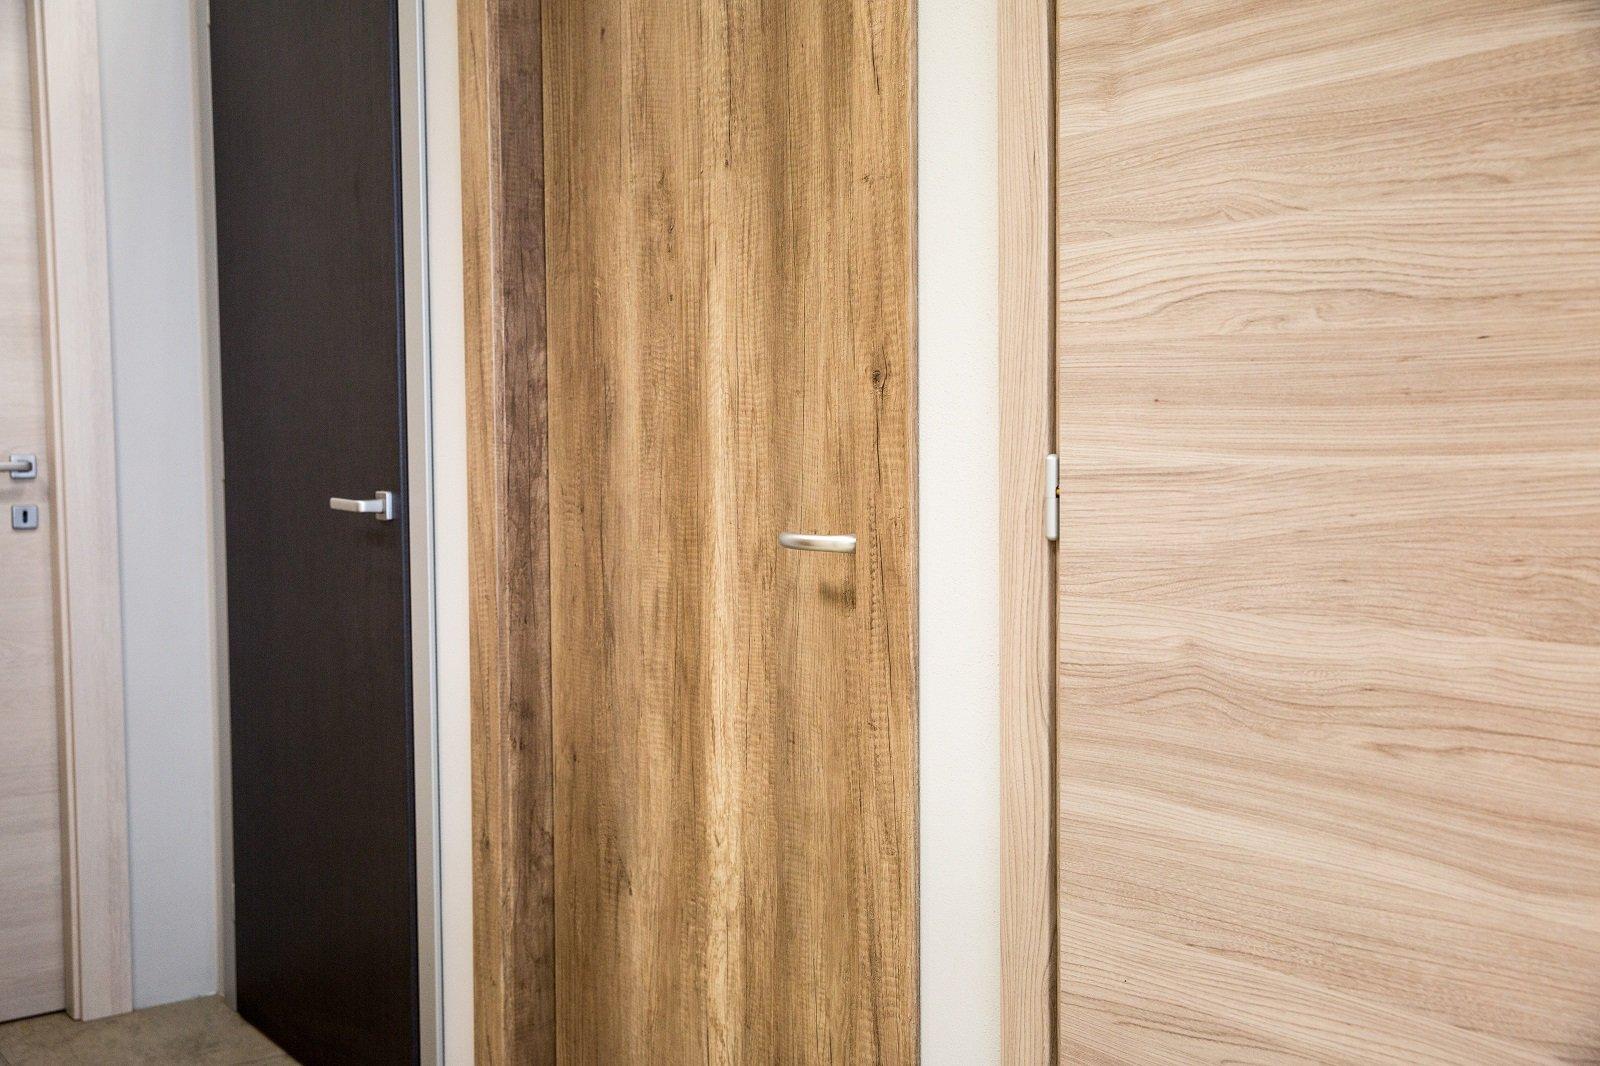 Türen Und Fenster Bozen Bz Porta Shop Casagrande